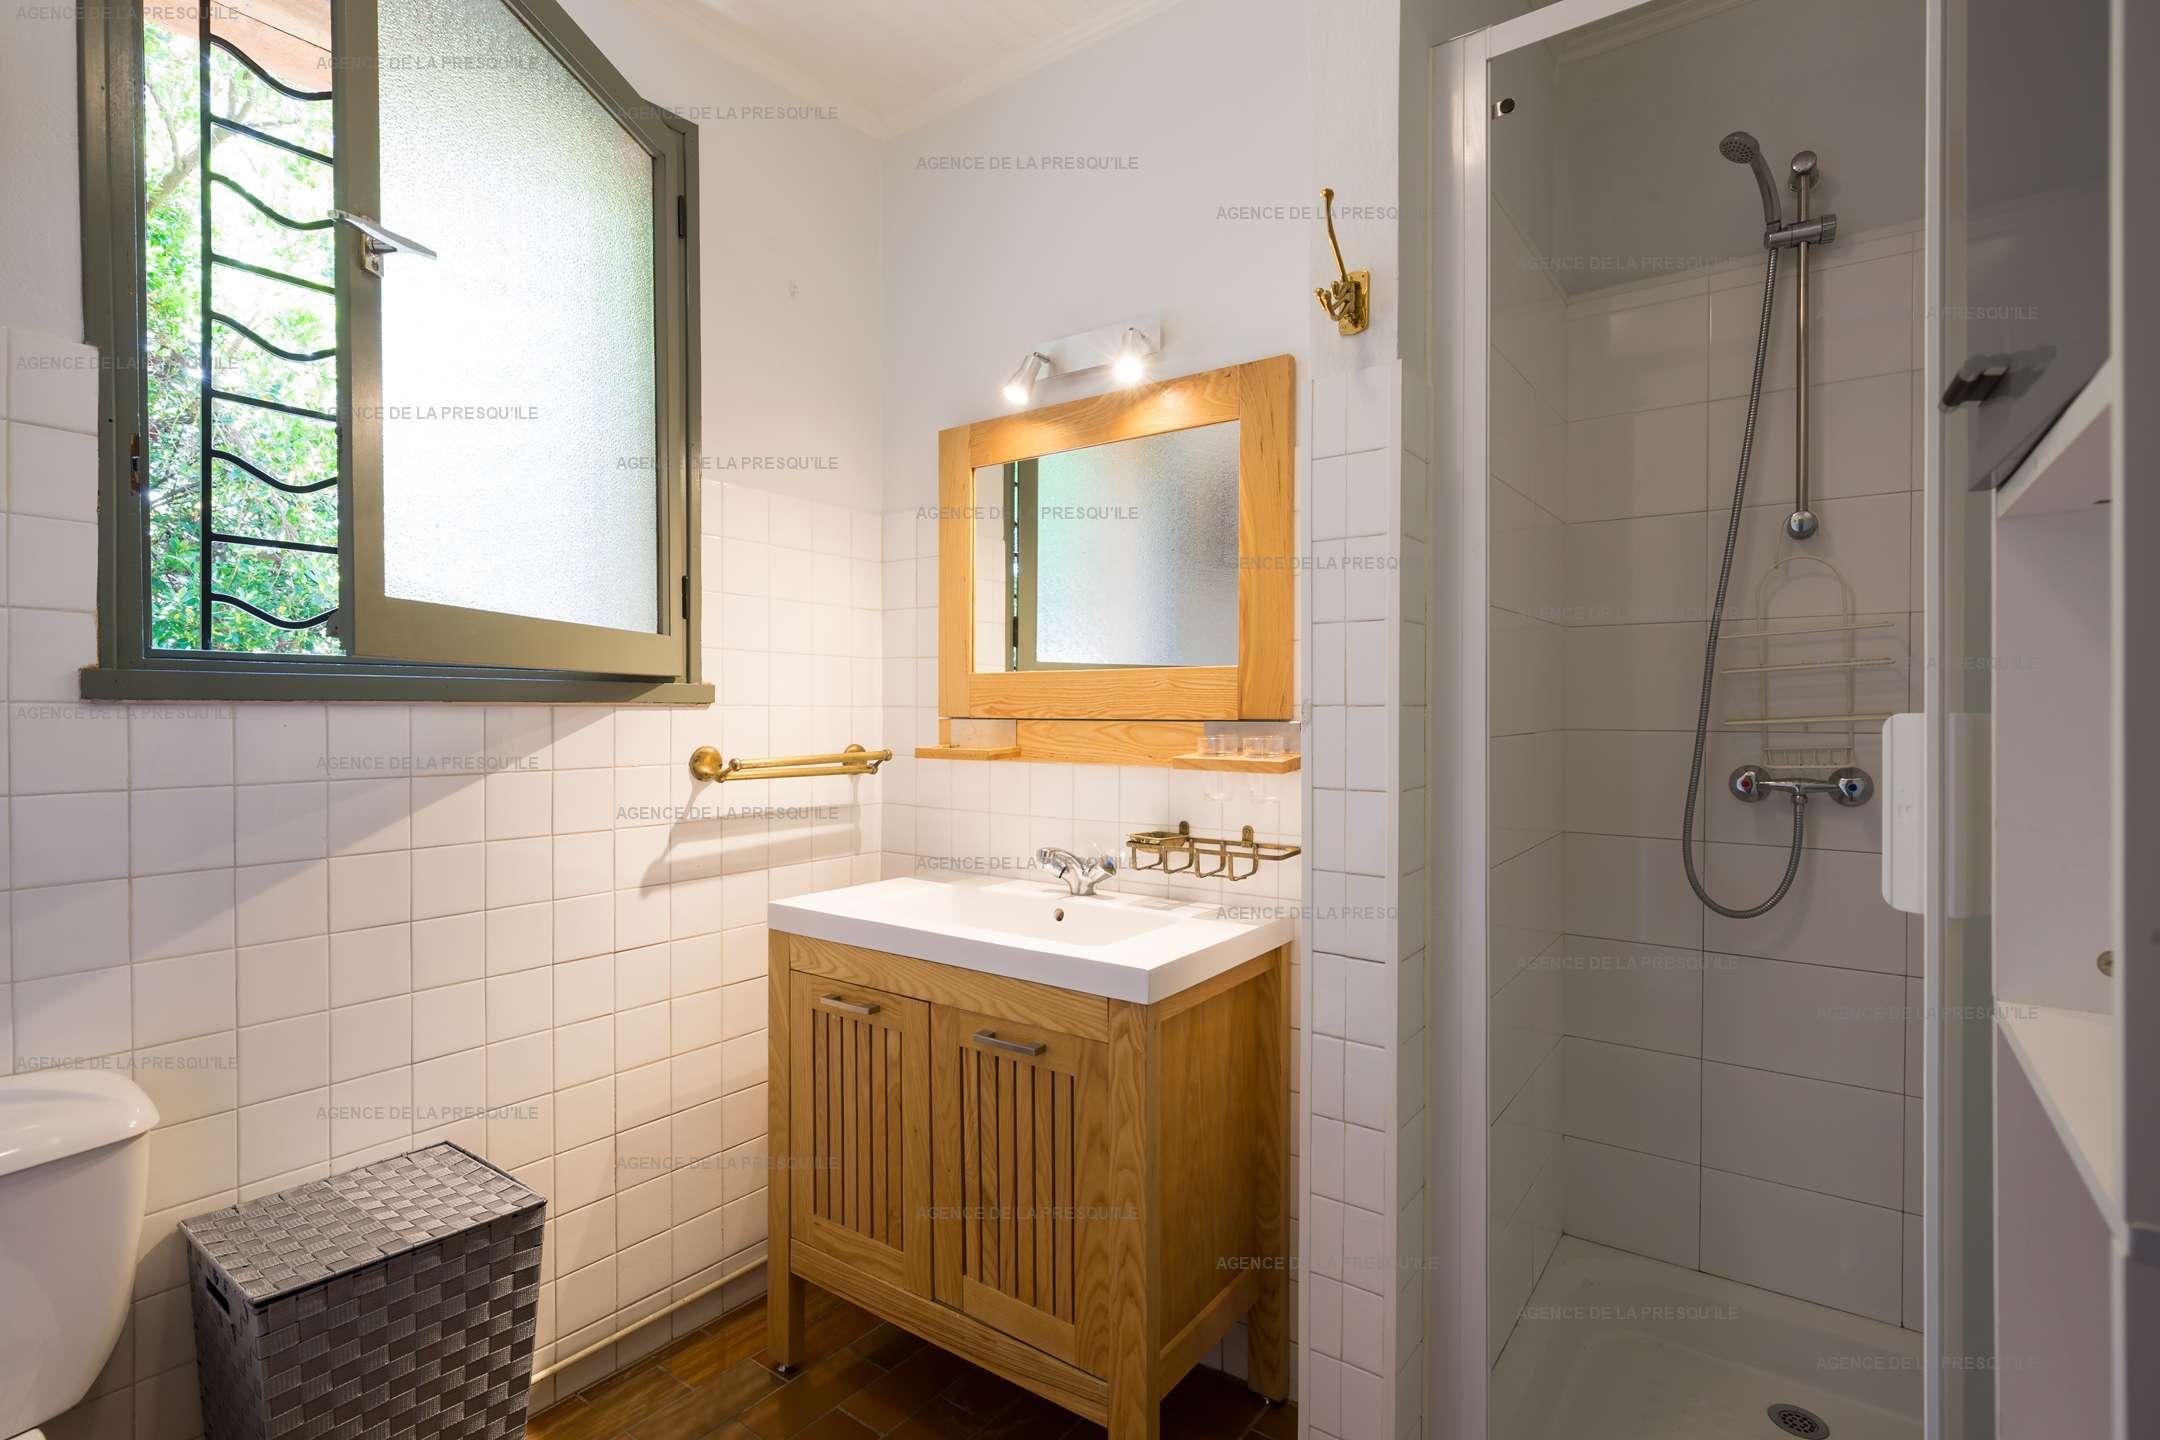 Location: Très agréable villa située au mimbeau 8